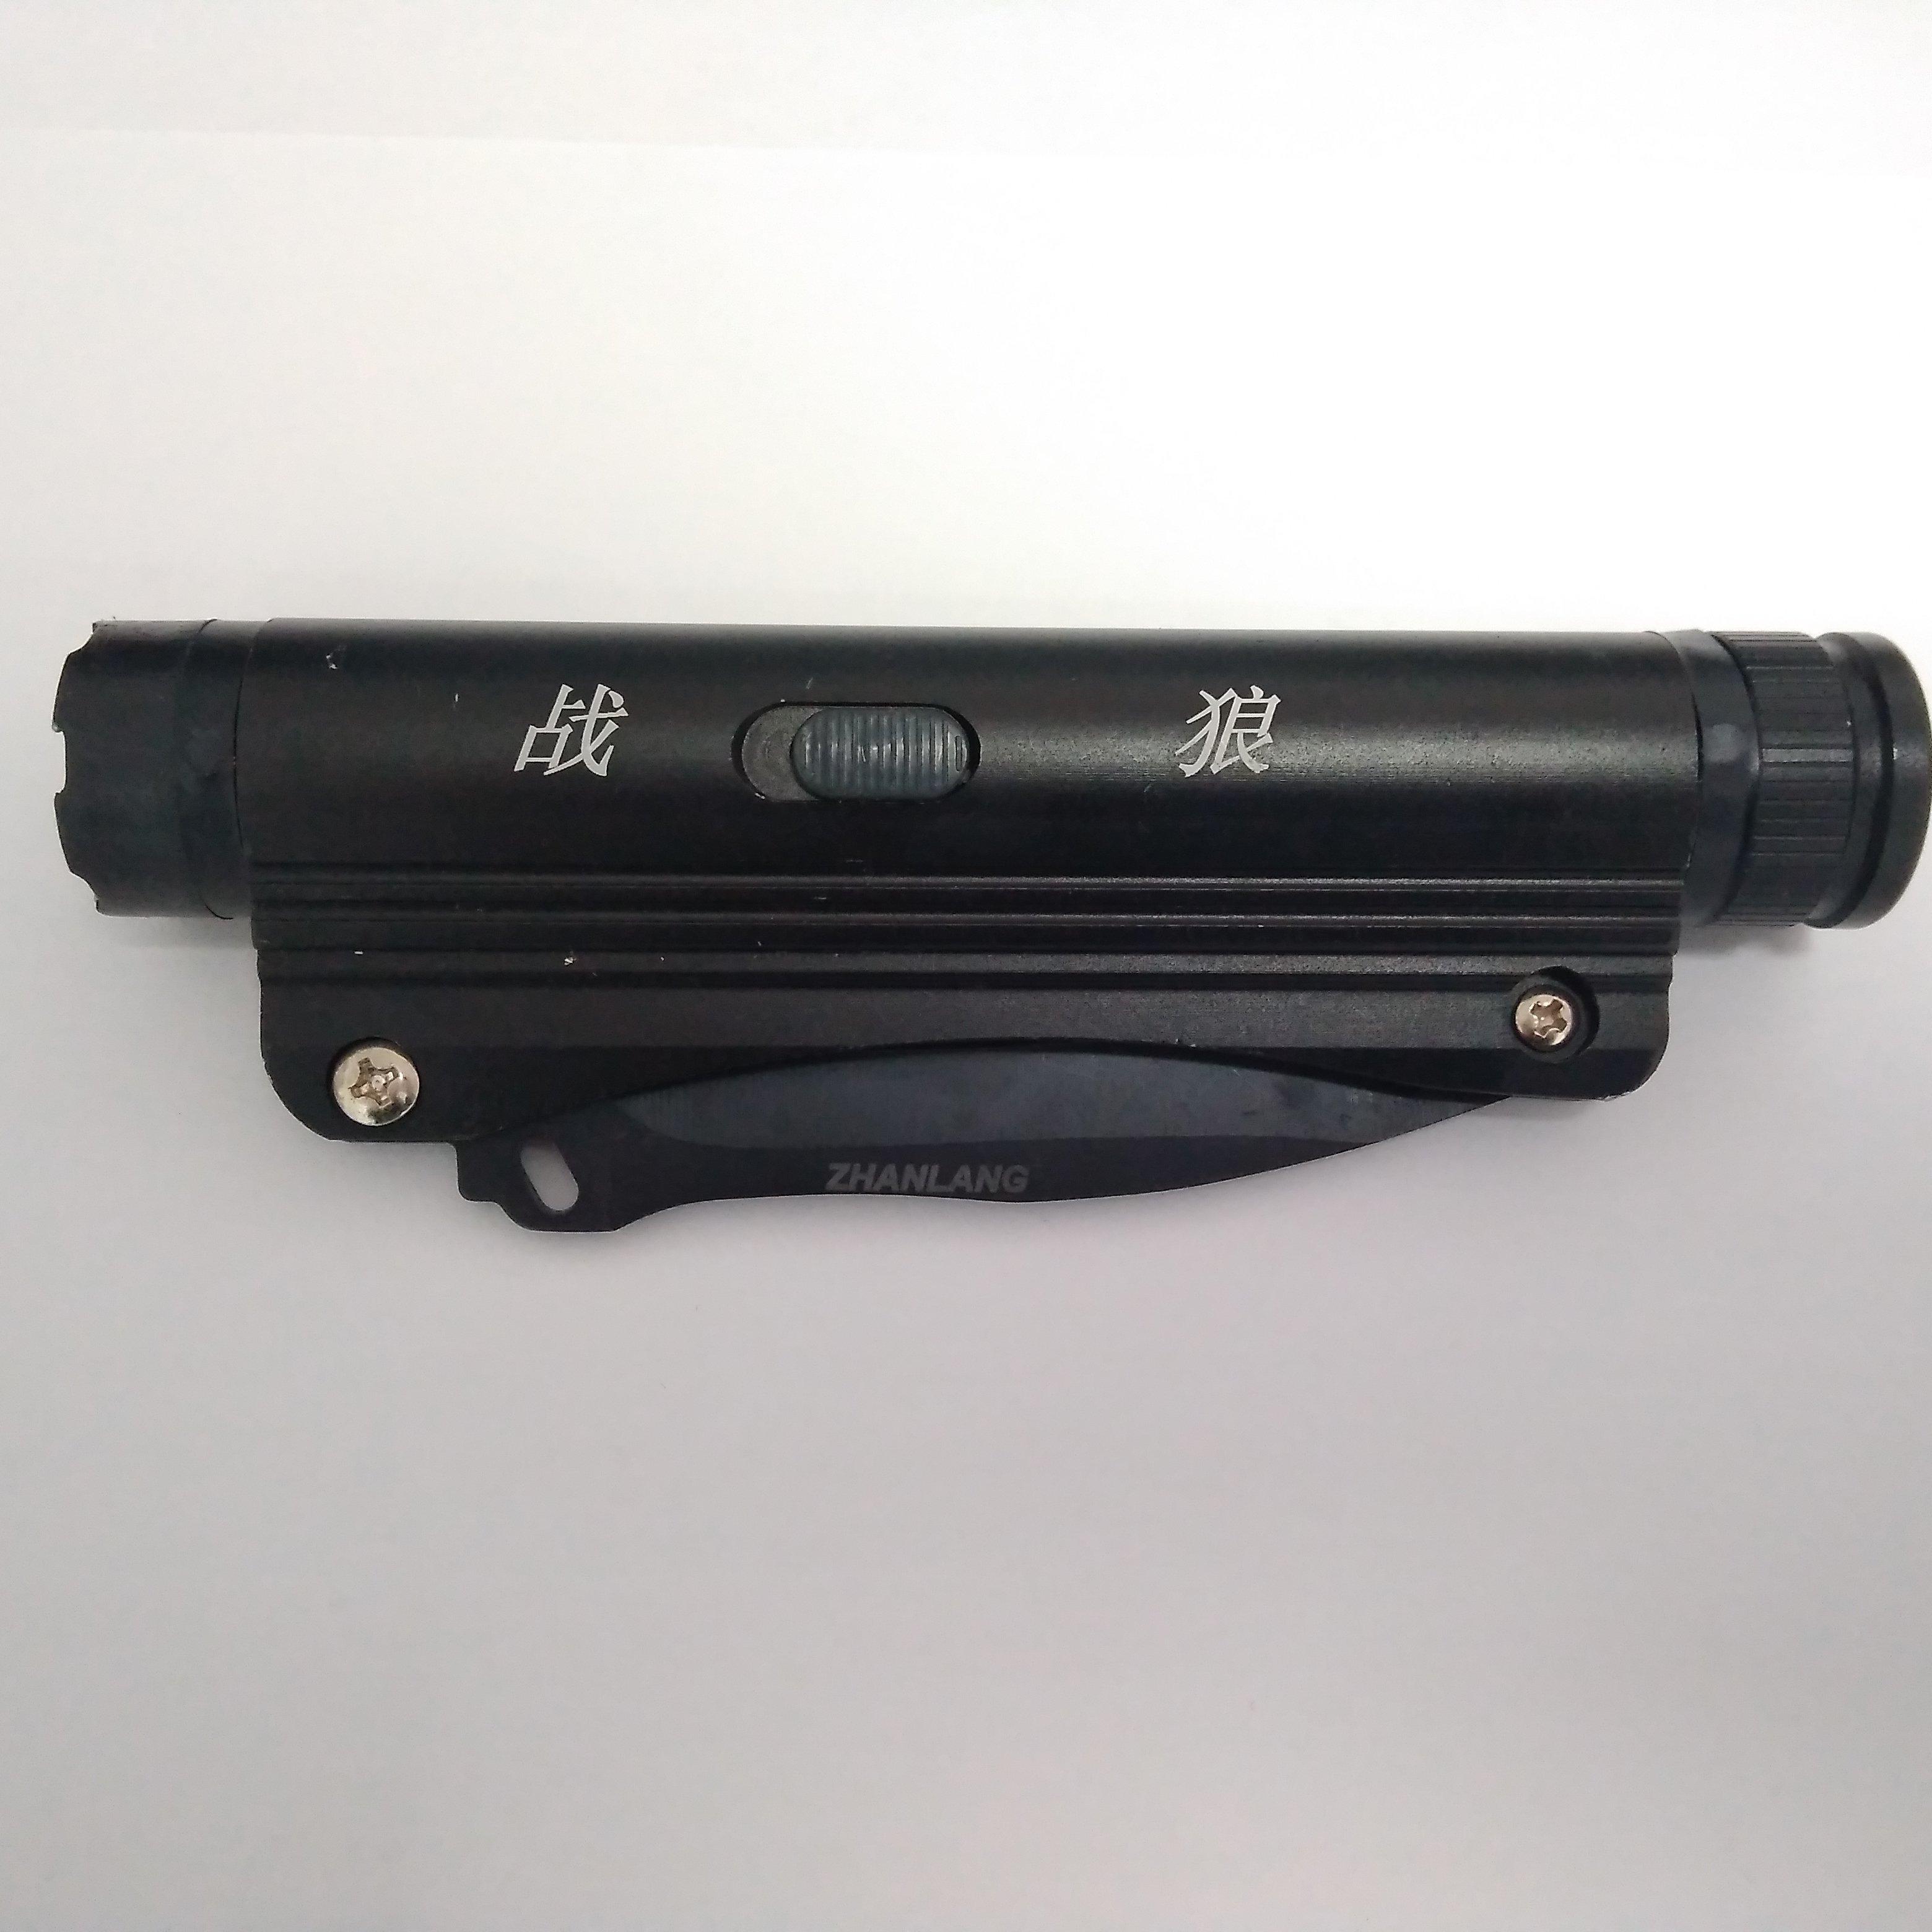 新款战狼H-8型防狼电击棒